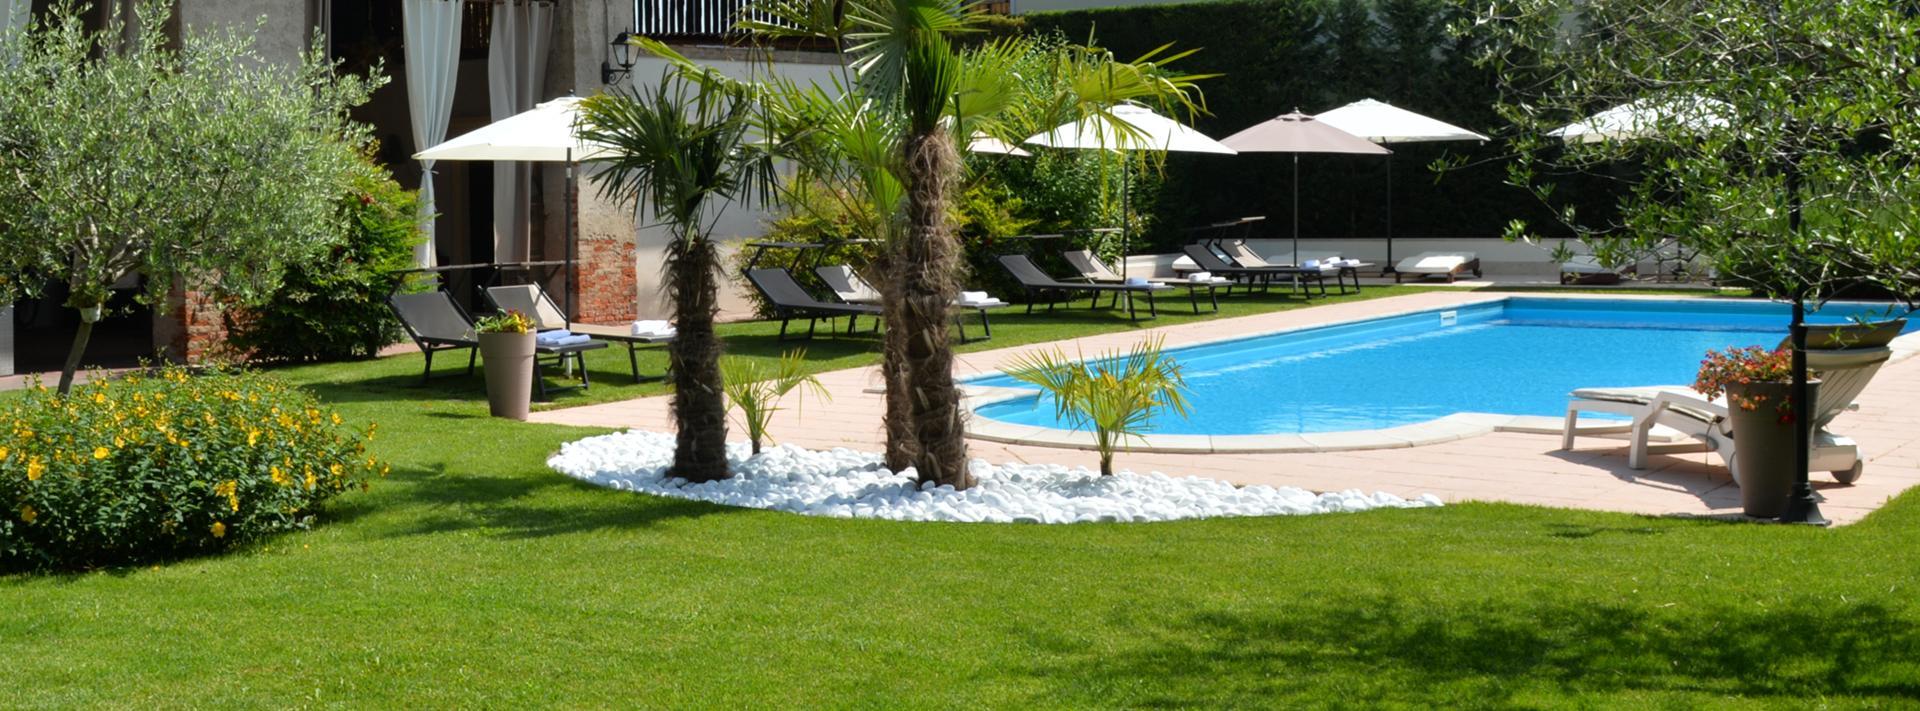 Residence con piscina vicino lago di garda c di capri - Residence marzamemi con piscina ...